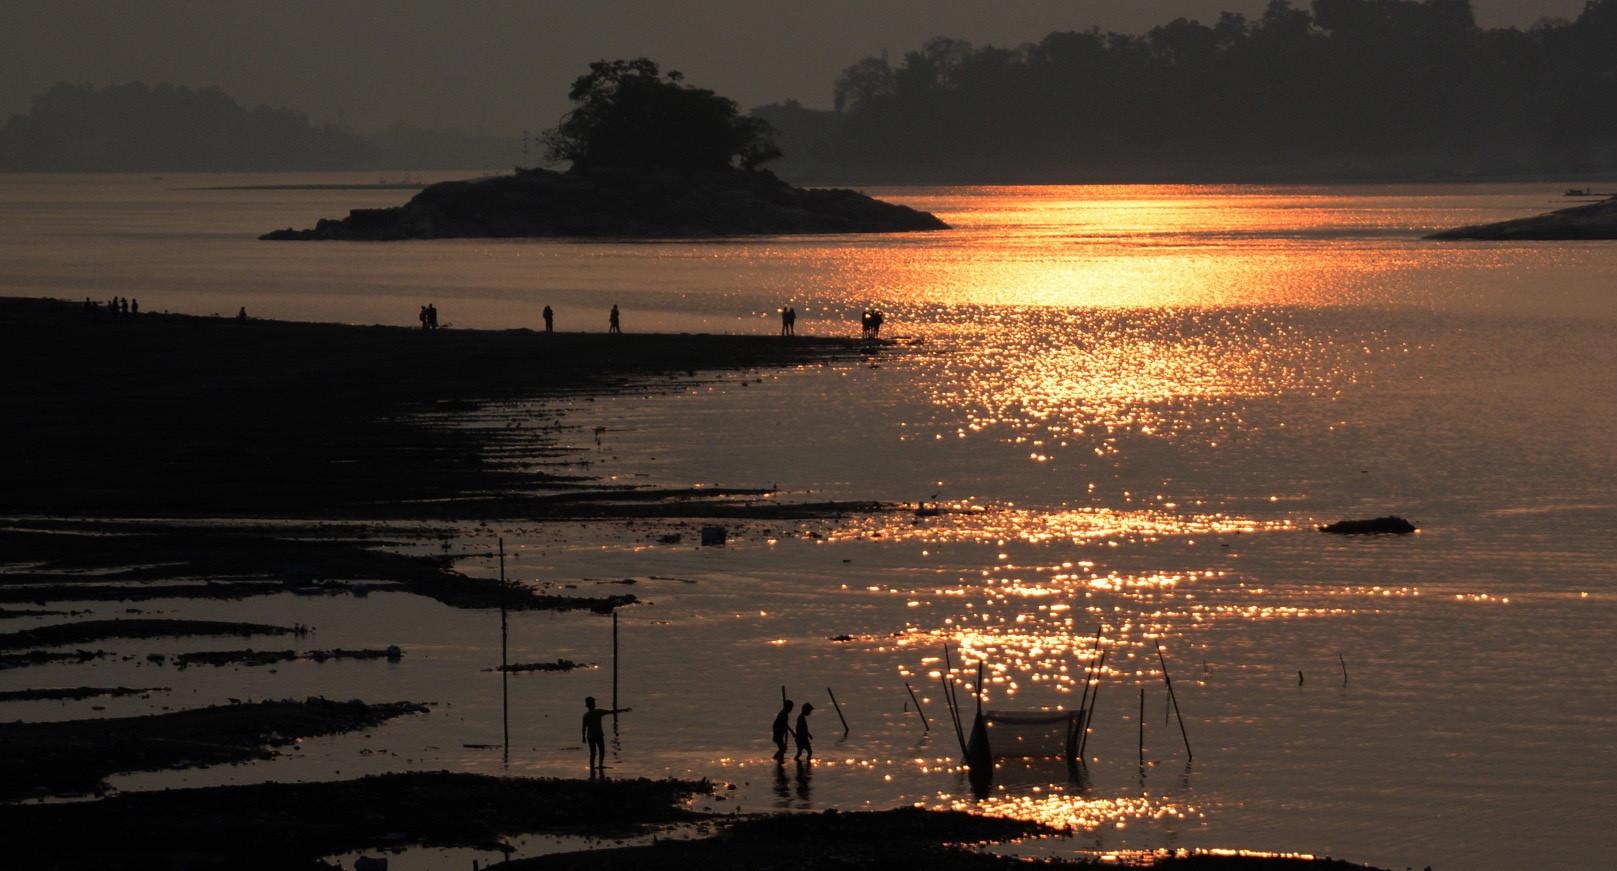 wybrzeże Indii w promieniach słońca. fot. EPA/STR